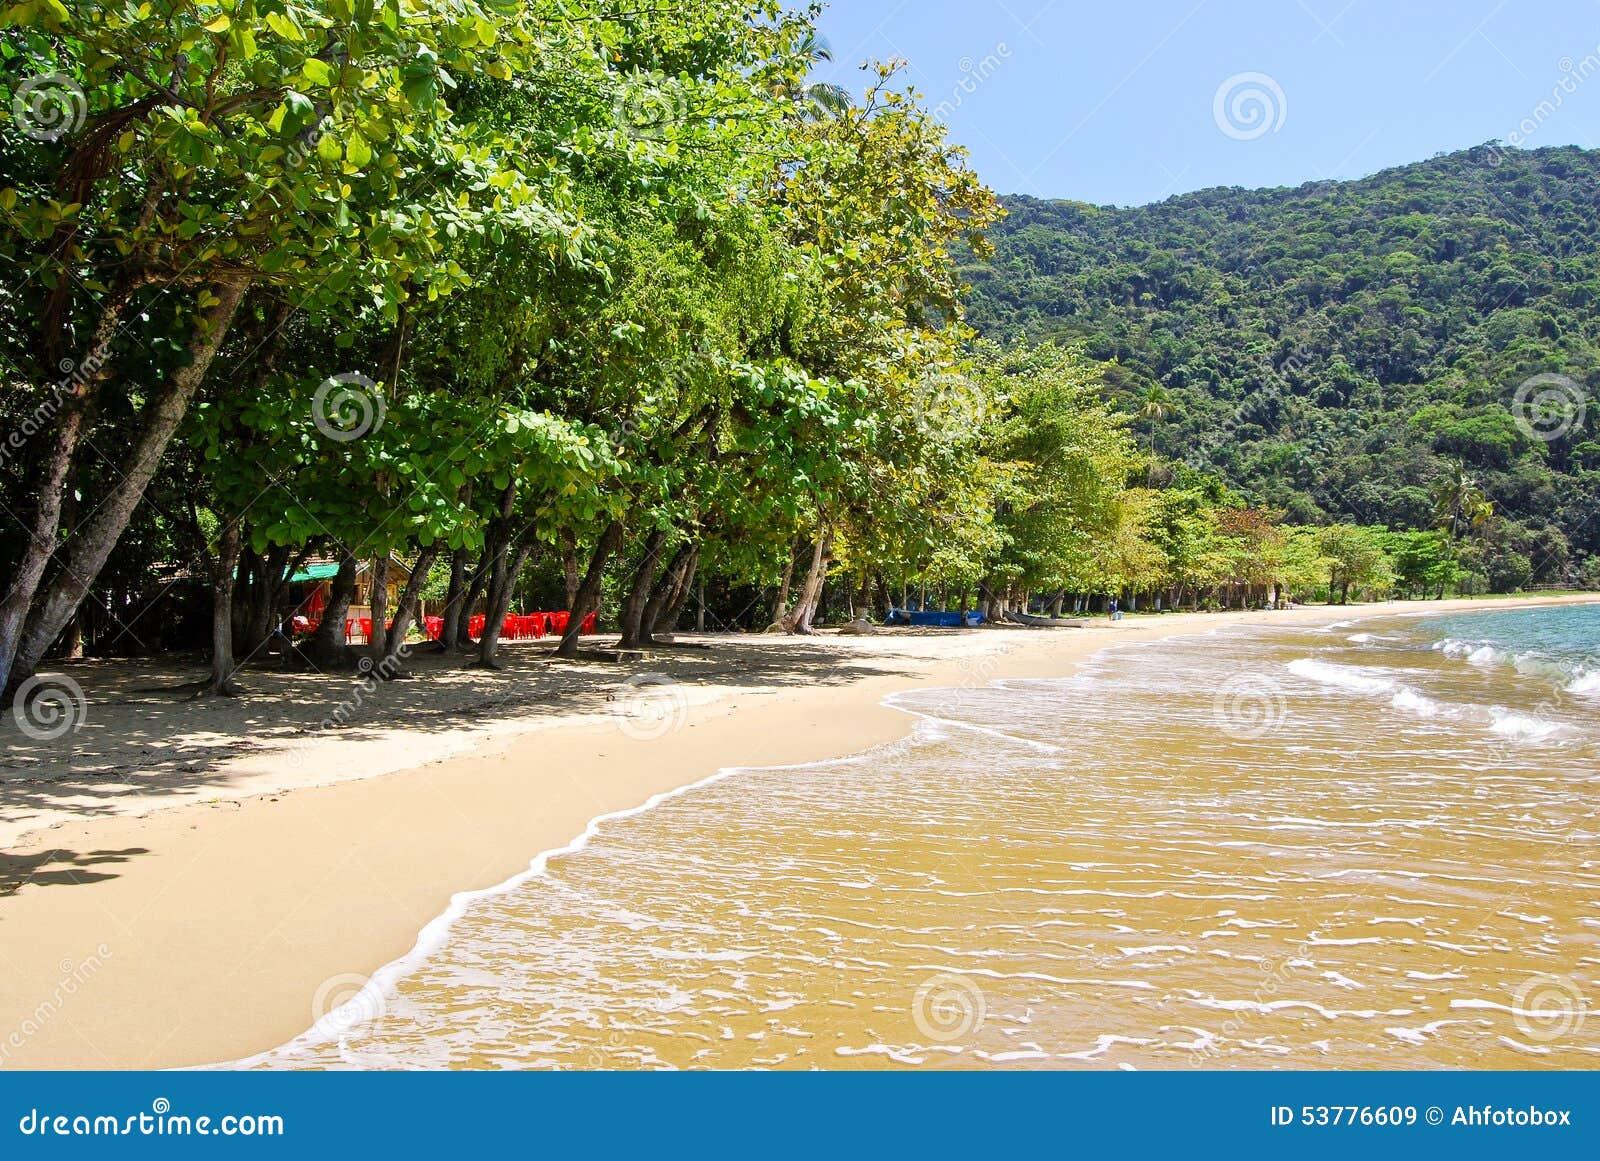 Ilha Grande: Plażowy Praia Lopes mendes, Rio De Janeiro stan, Brazylia